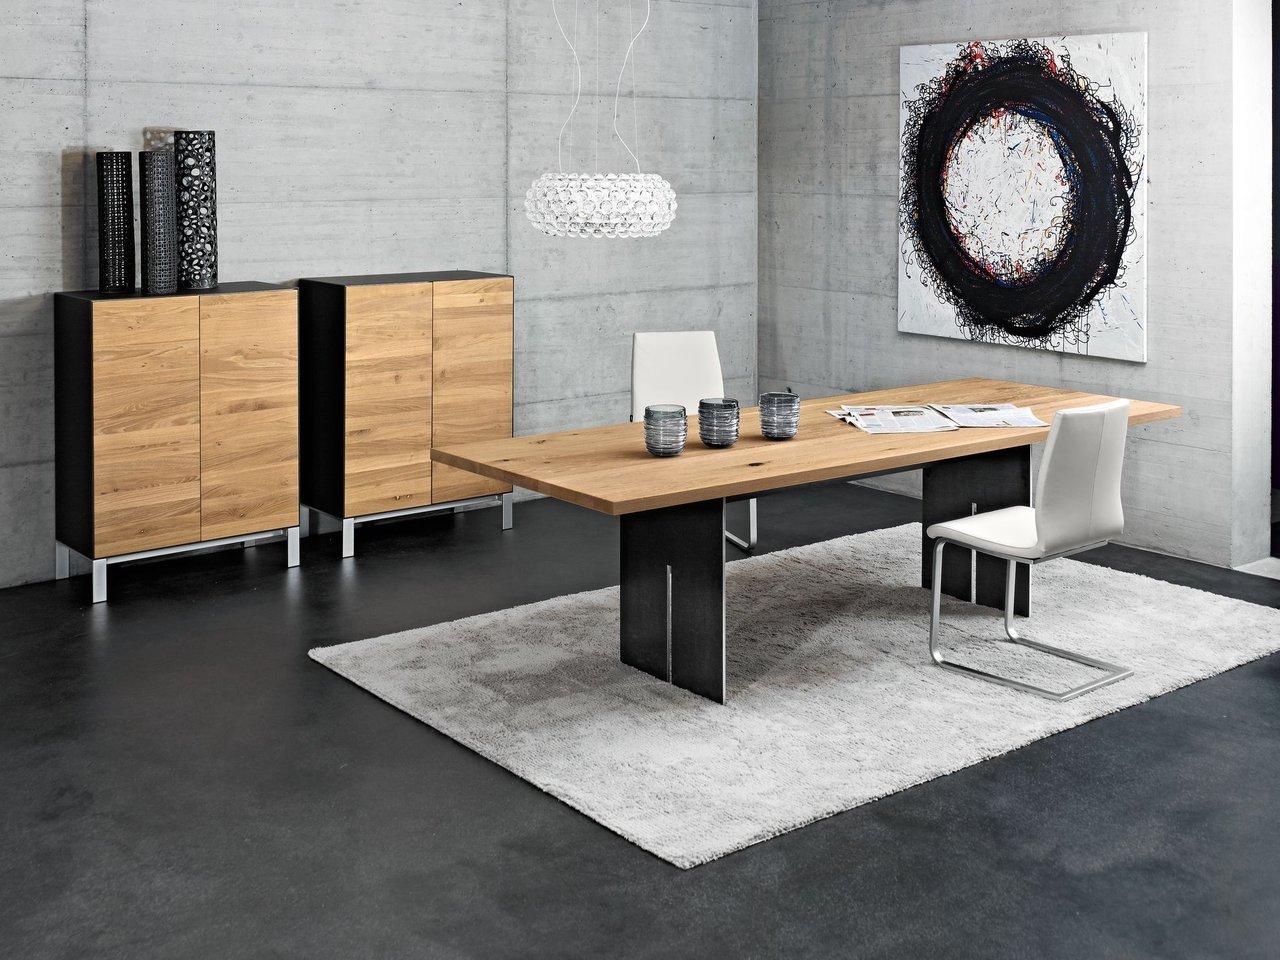 seetal swiss esstisch cavo mit fuss slot in rohstahl kieser wohnen baltensweiler. Black Bedroom Furniture Sets. Home Design Ideas